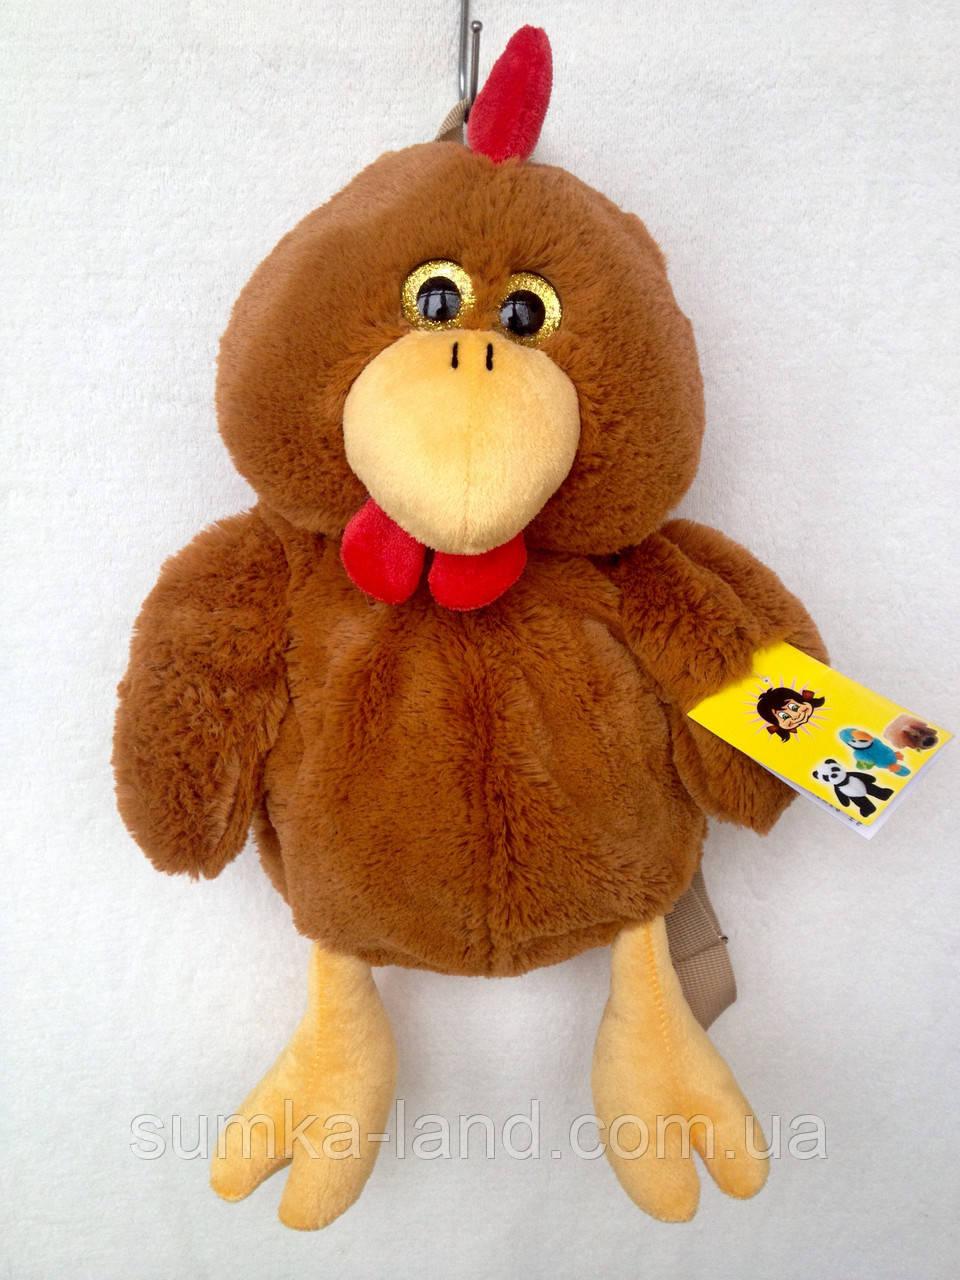 Детский рюкзак игрушка купить харьков рюкзак турист 2 ссср